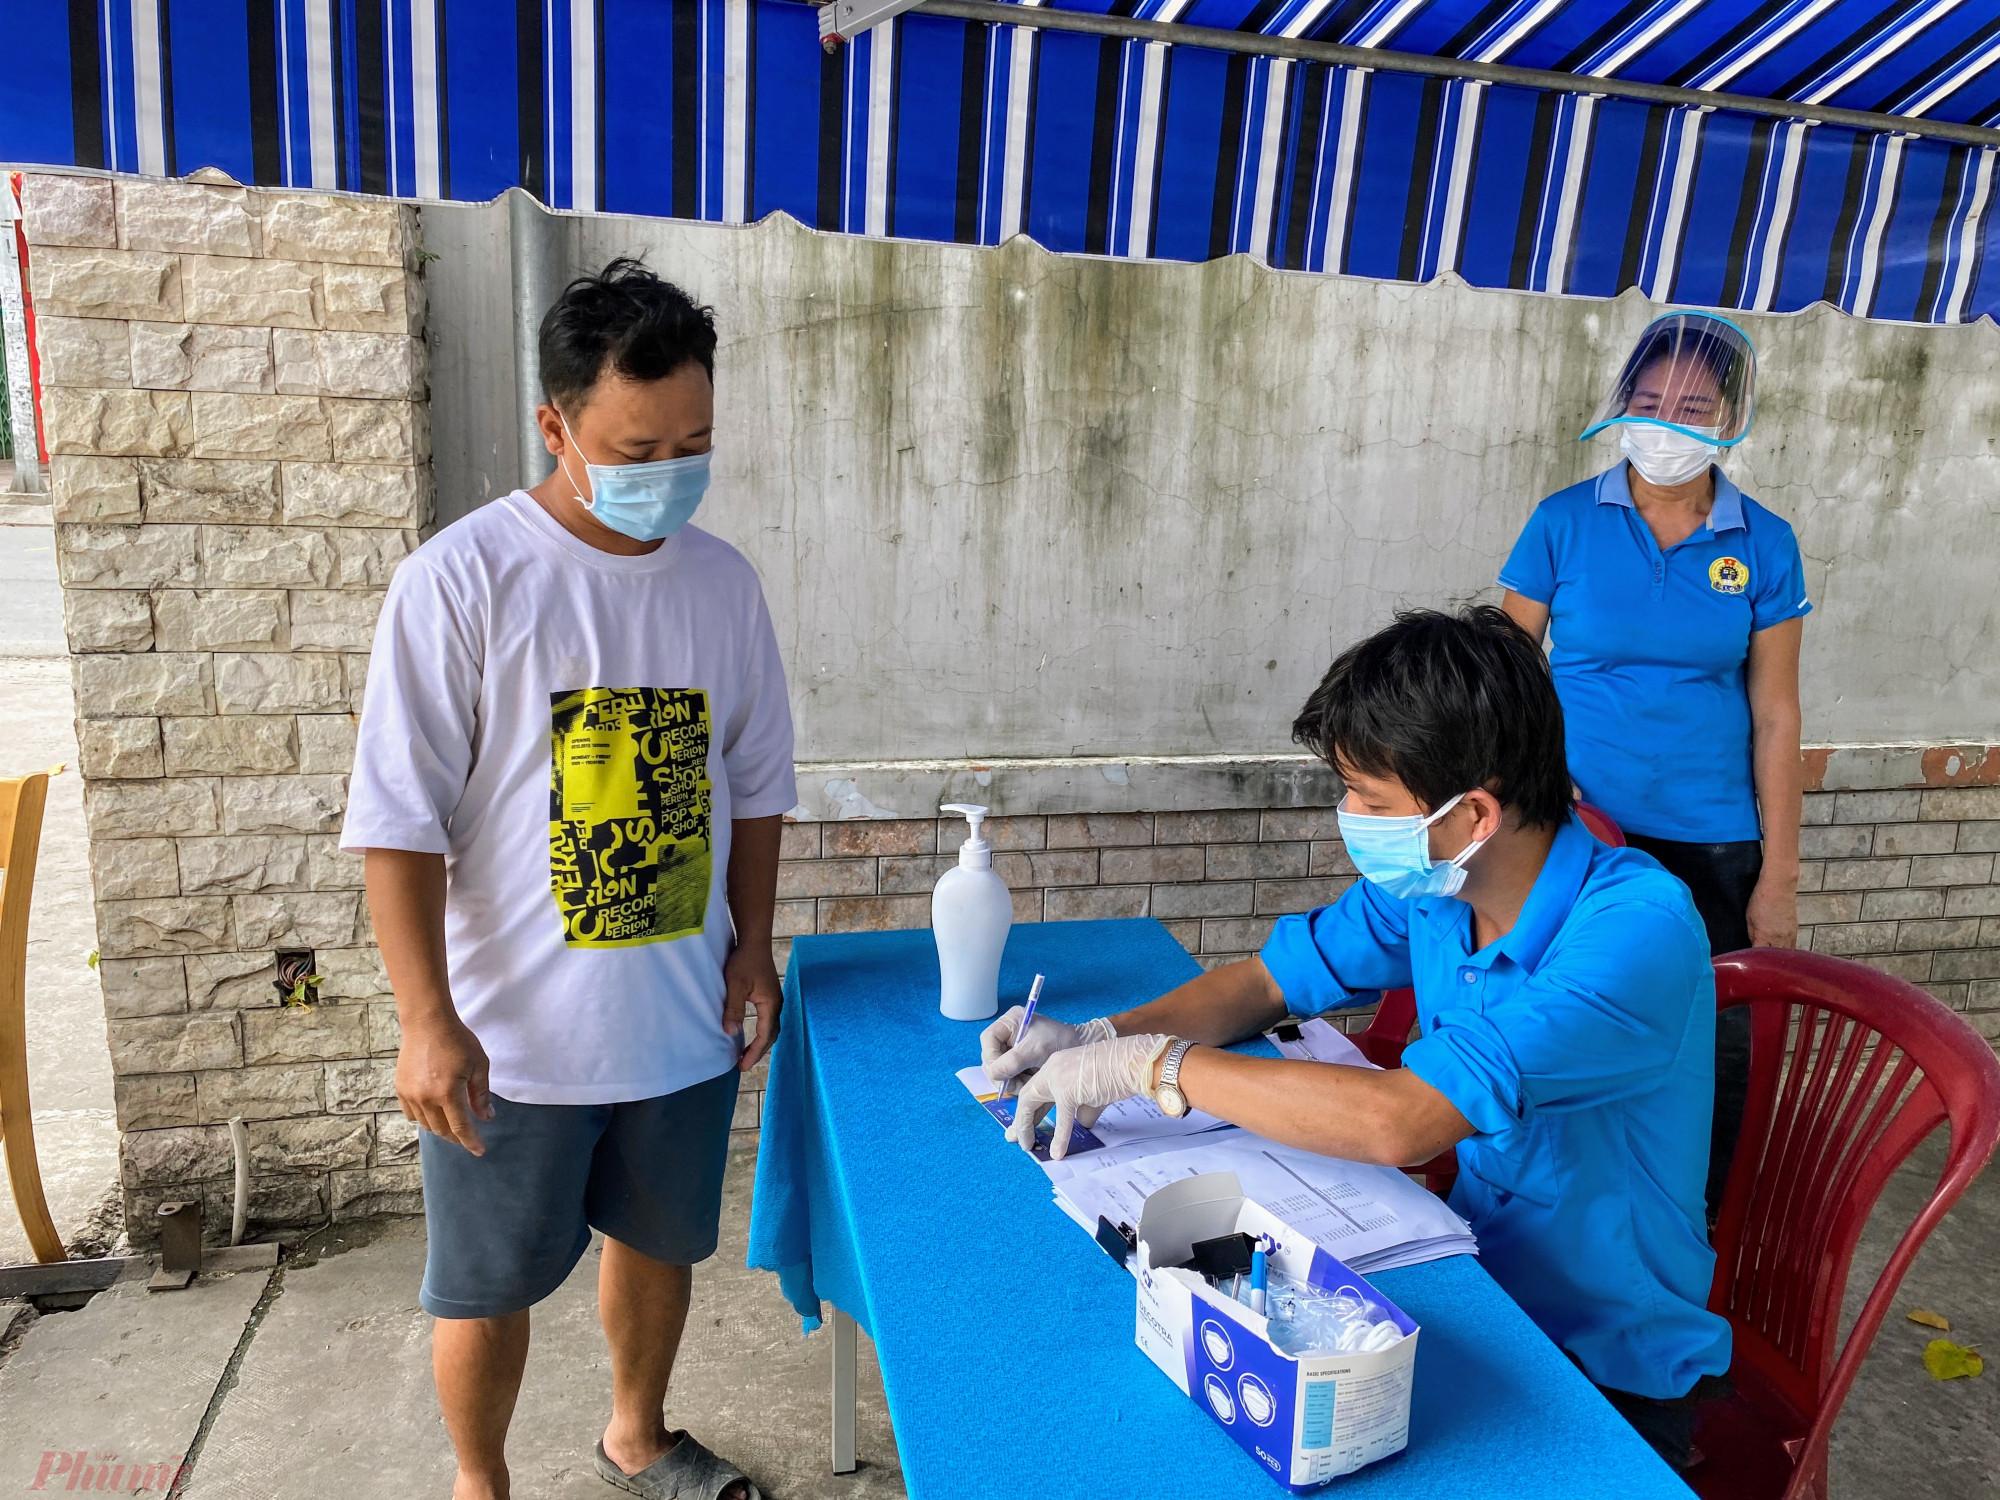 Một người dân đến siêu thị trên đường Nơ Trang Long, phường 12, quận Bình Thạnh.